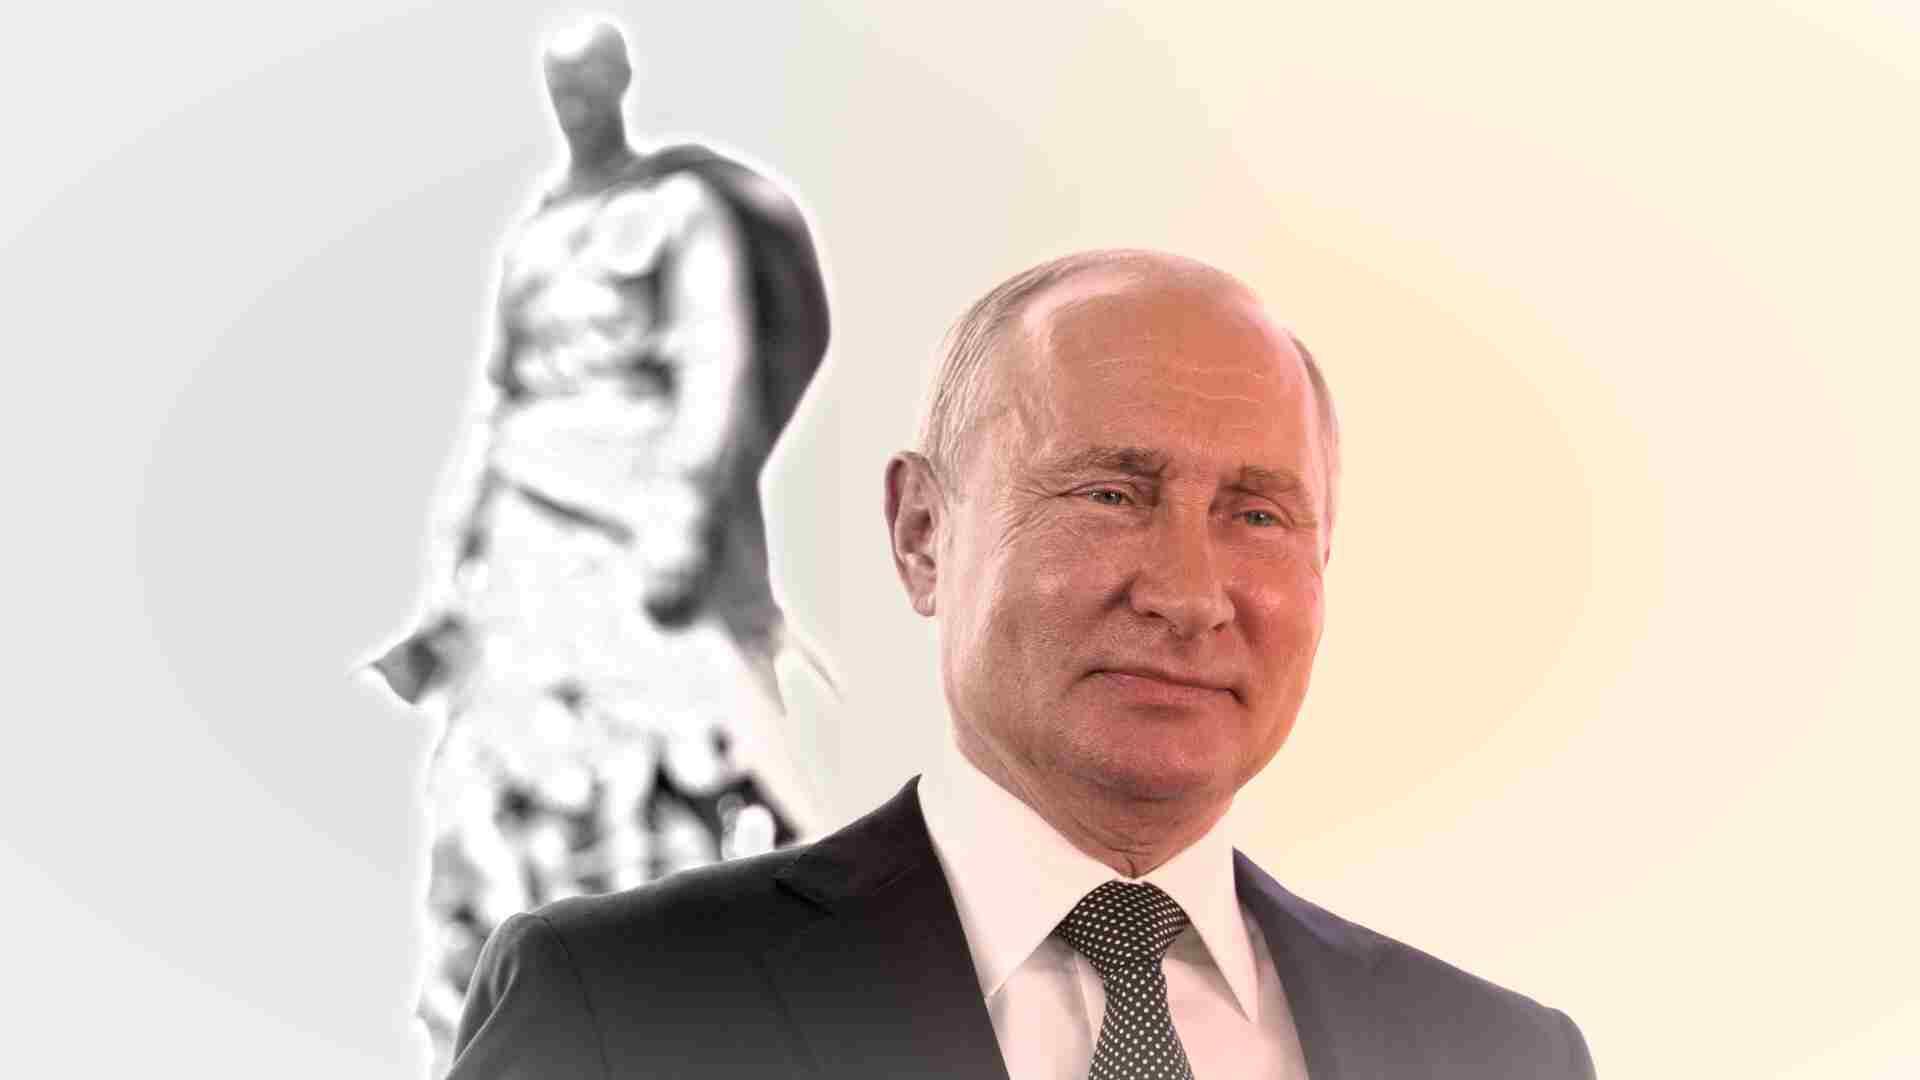 Vladimir Poetin (67)